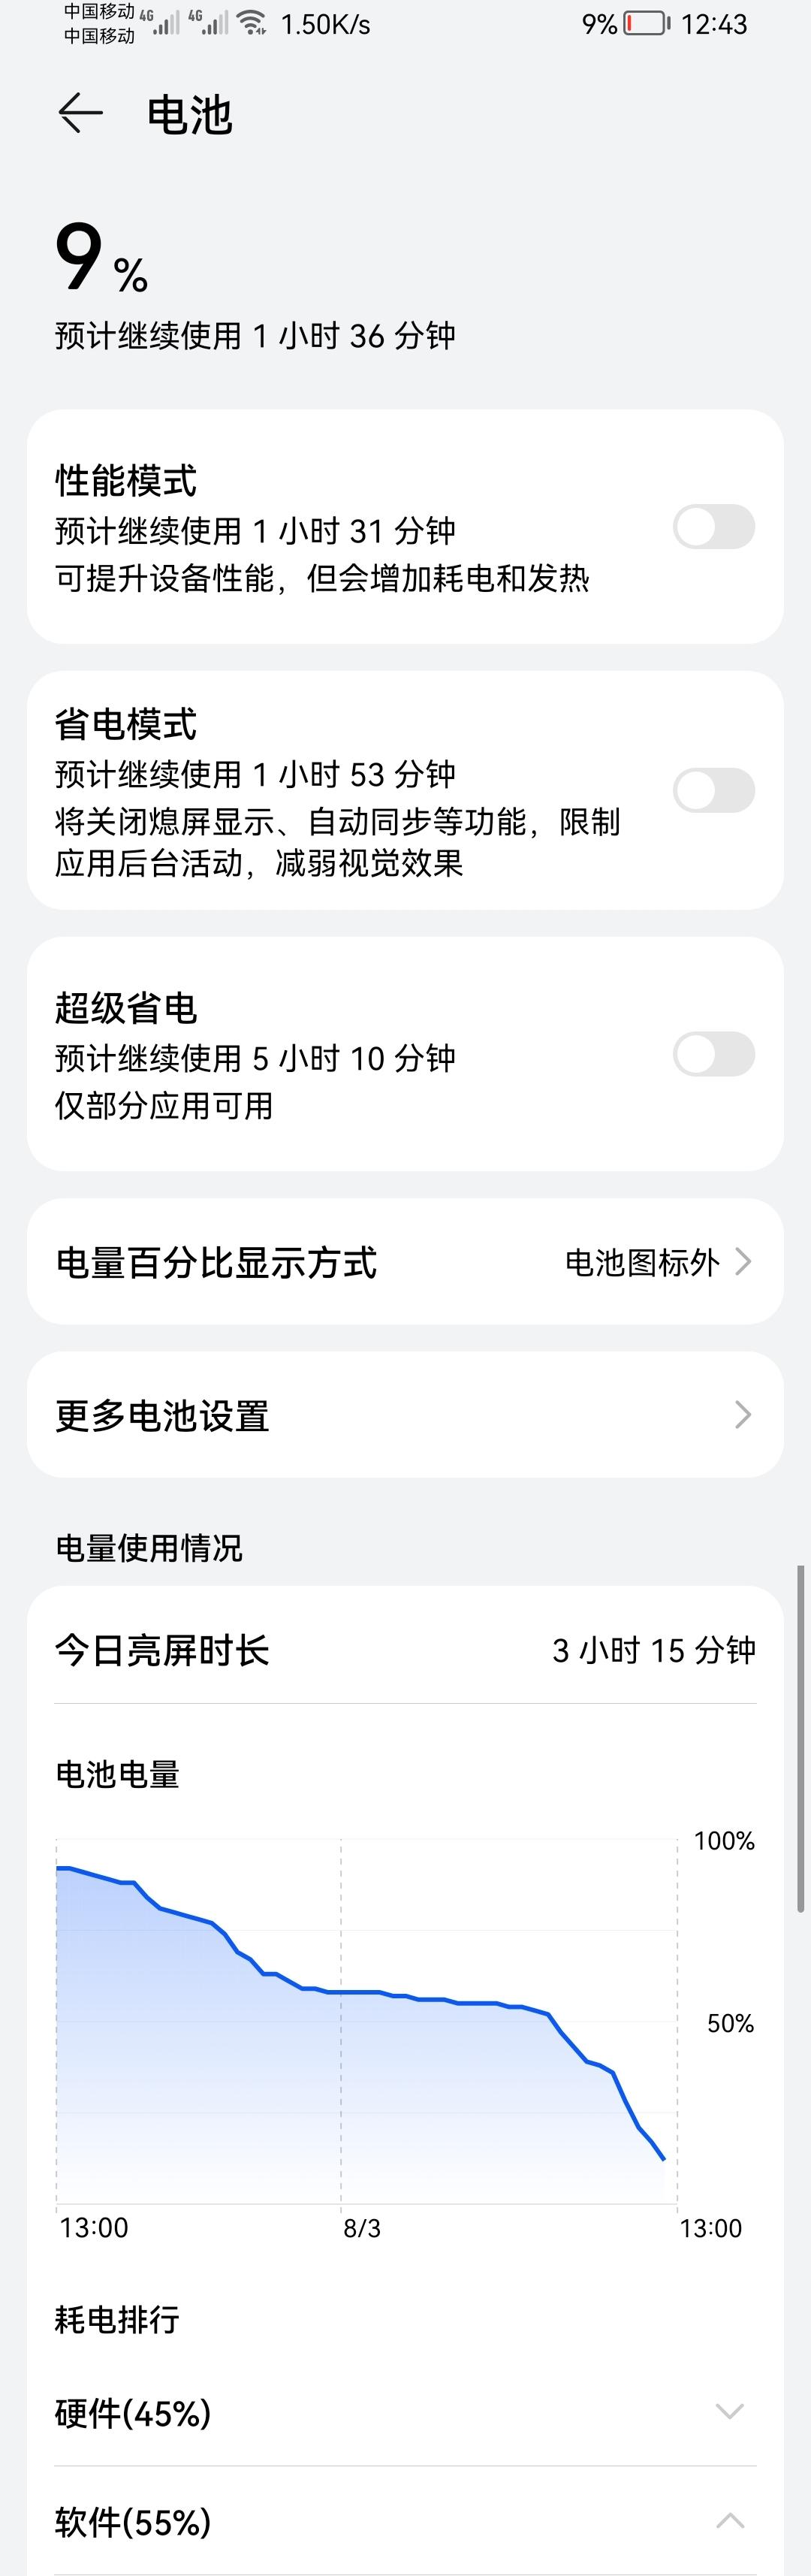 Screenshot_20210803_124927.jpg